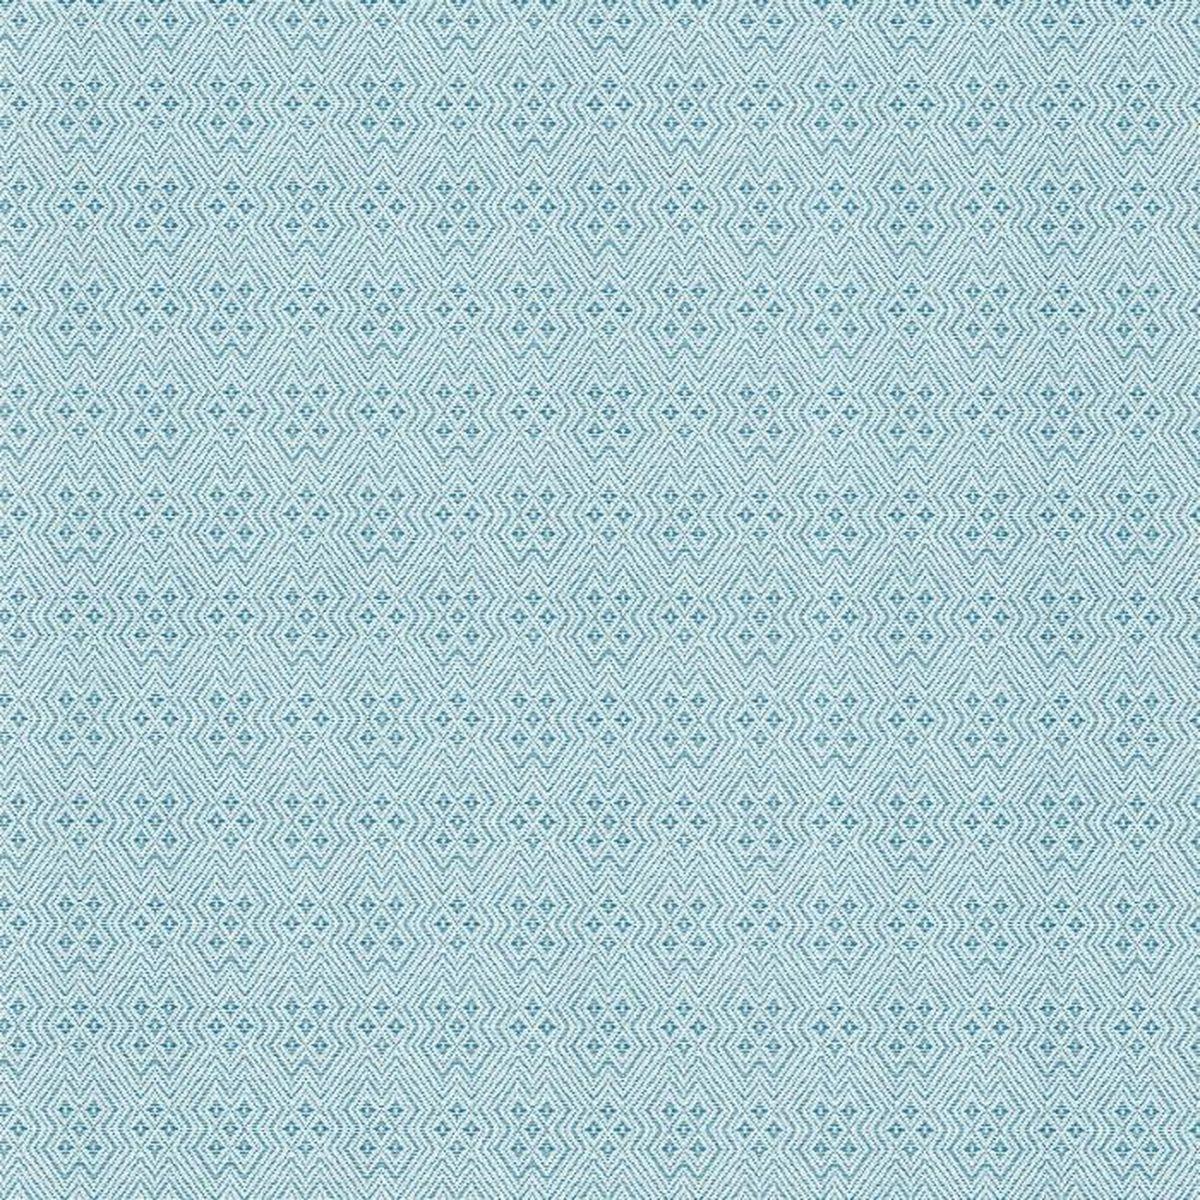 Ethnique Papier Peint Muze 202 303 Bleu Multicolore 5 22 M2 Achat